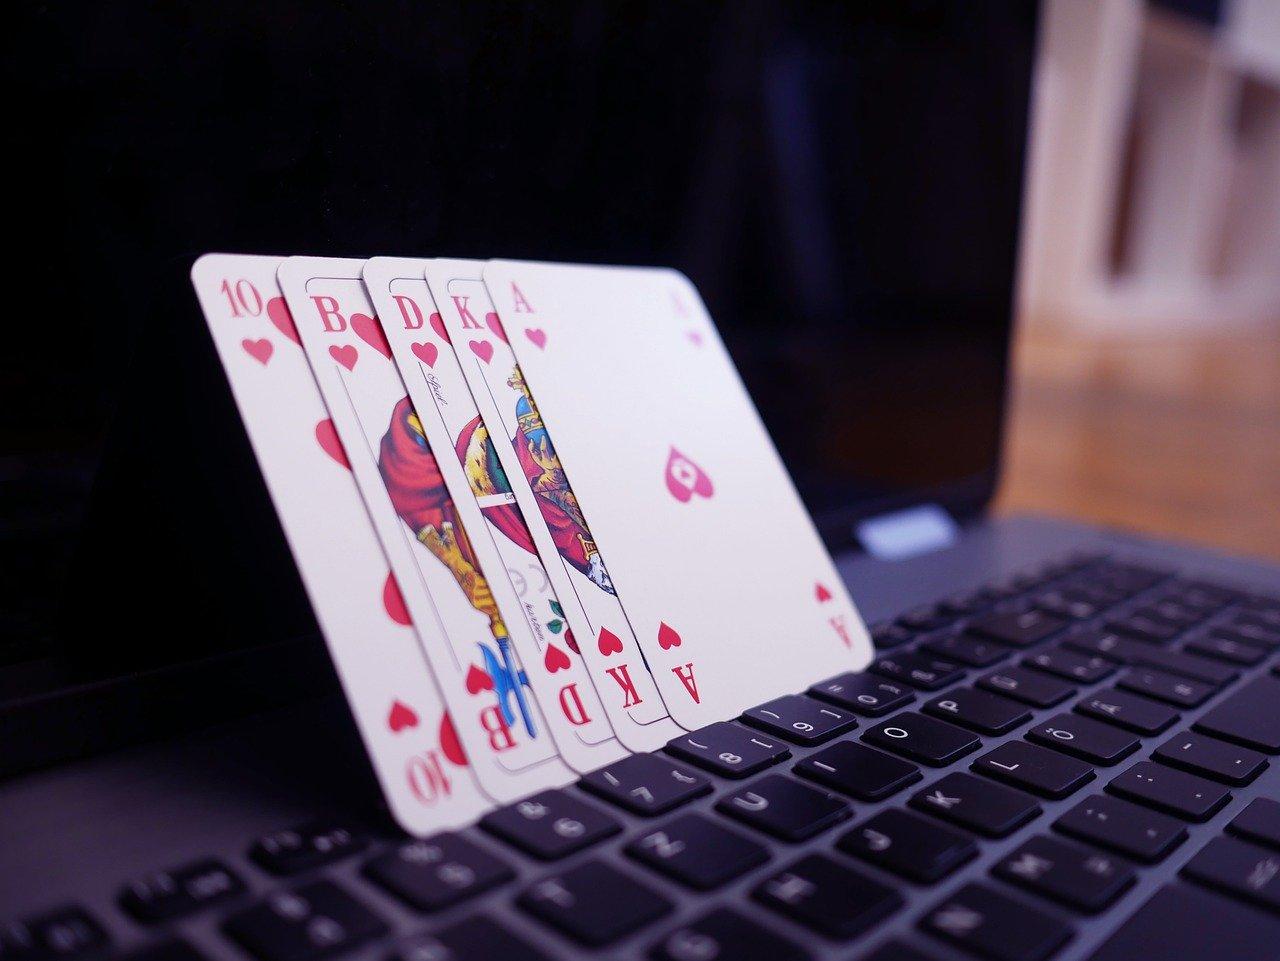 Sådan passer du på dig selv når du spiller online